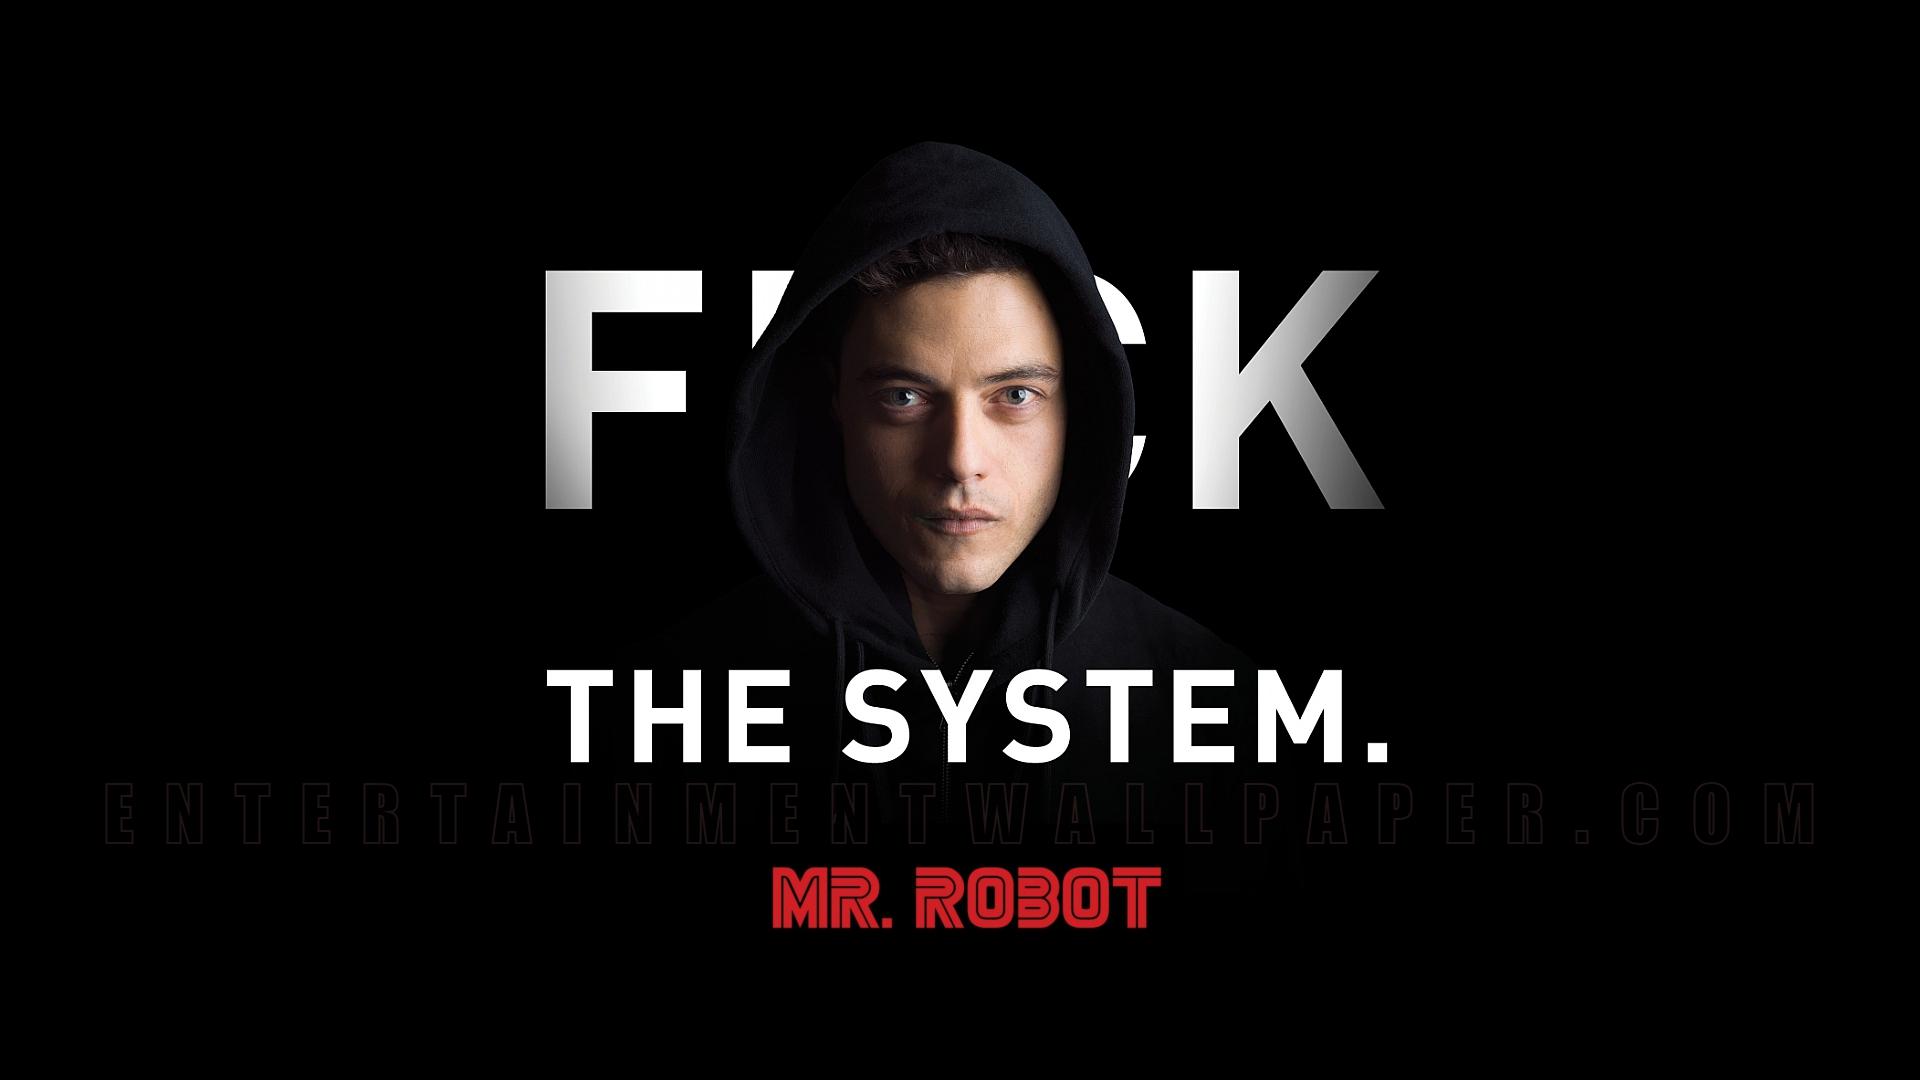 Mr. Robot achtergrond